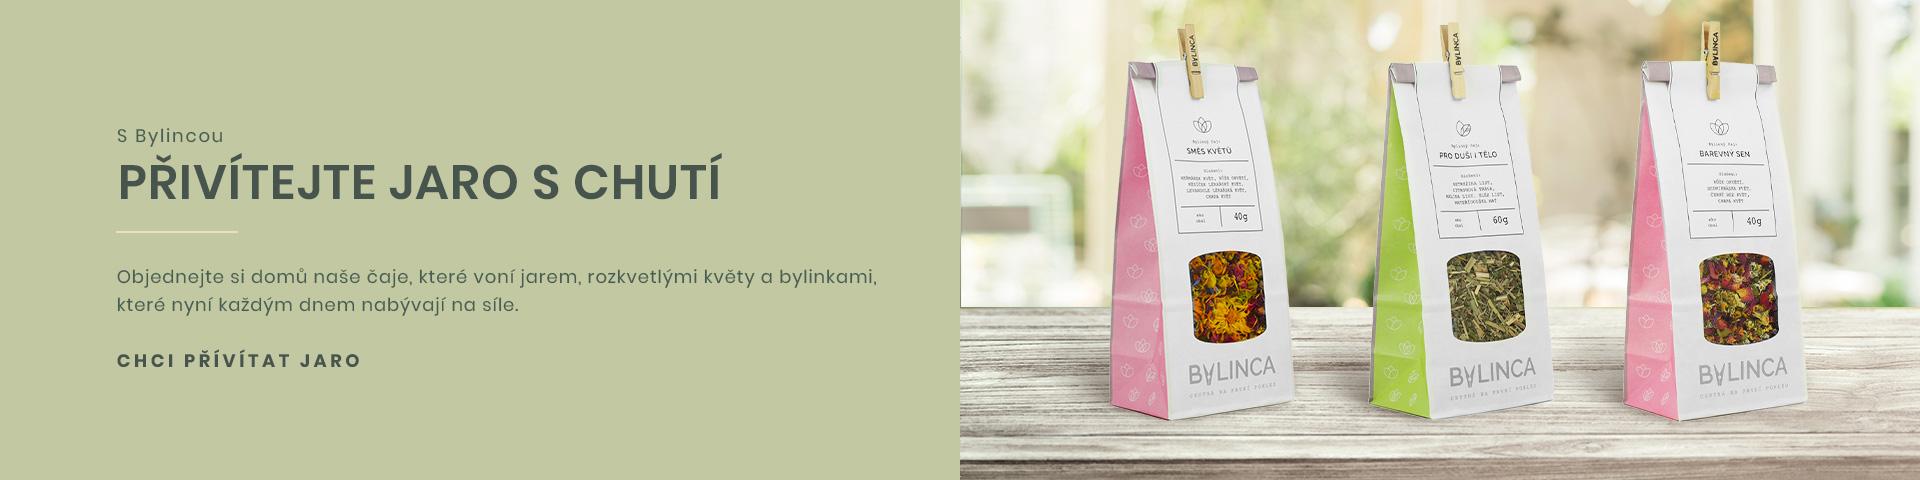 Přivítejte jaro s chutí bylinkových čajů a dalších produktů BYLINCA